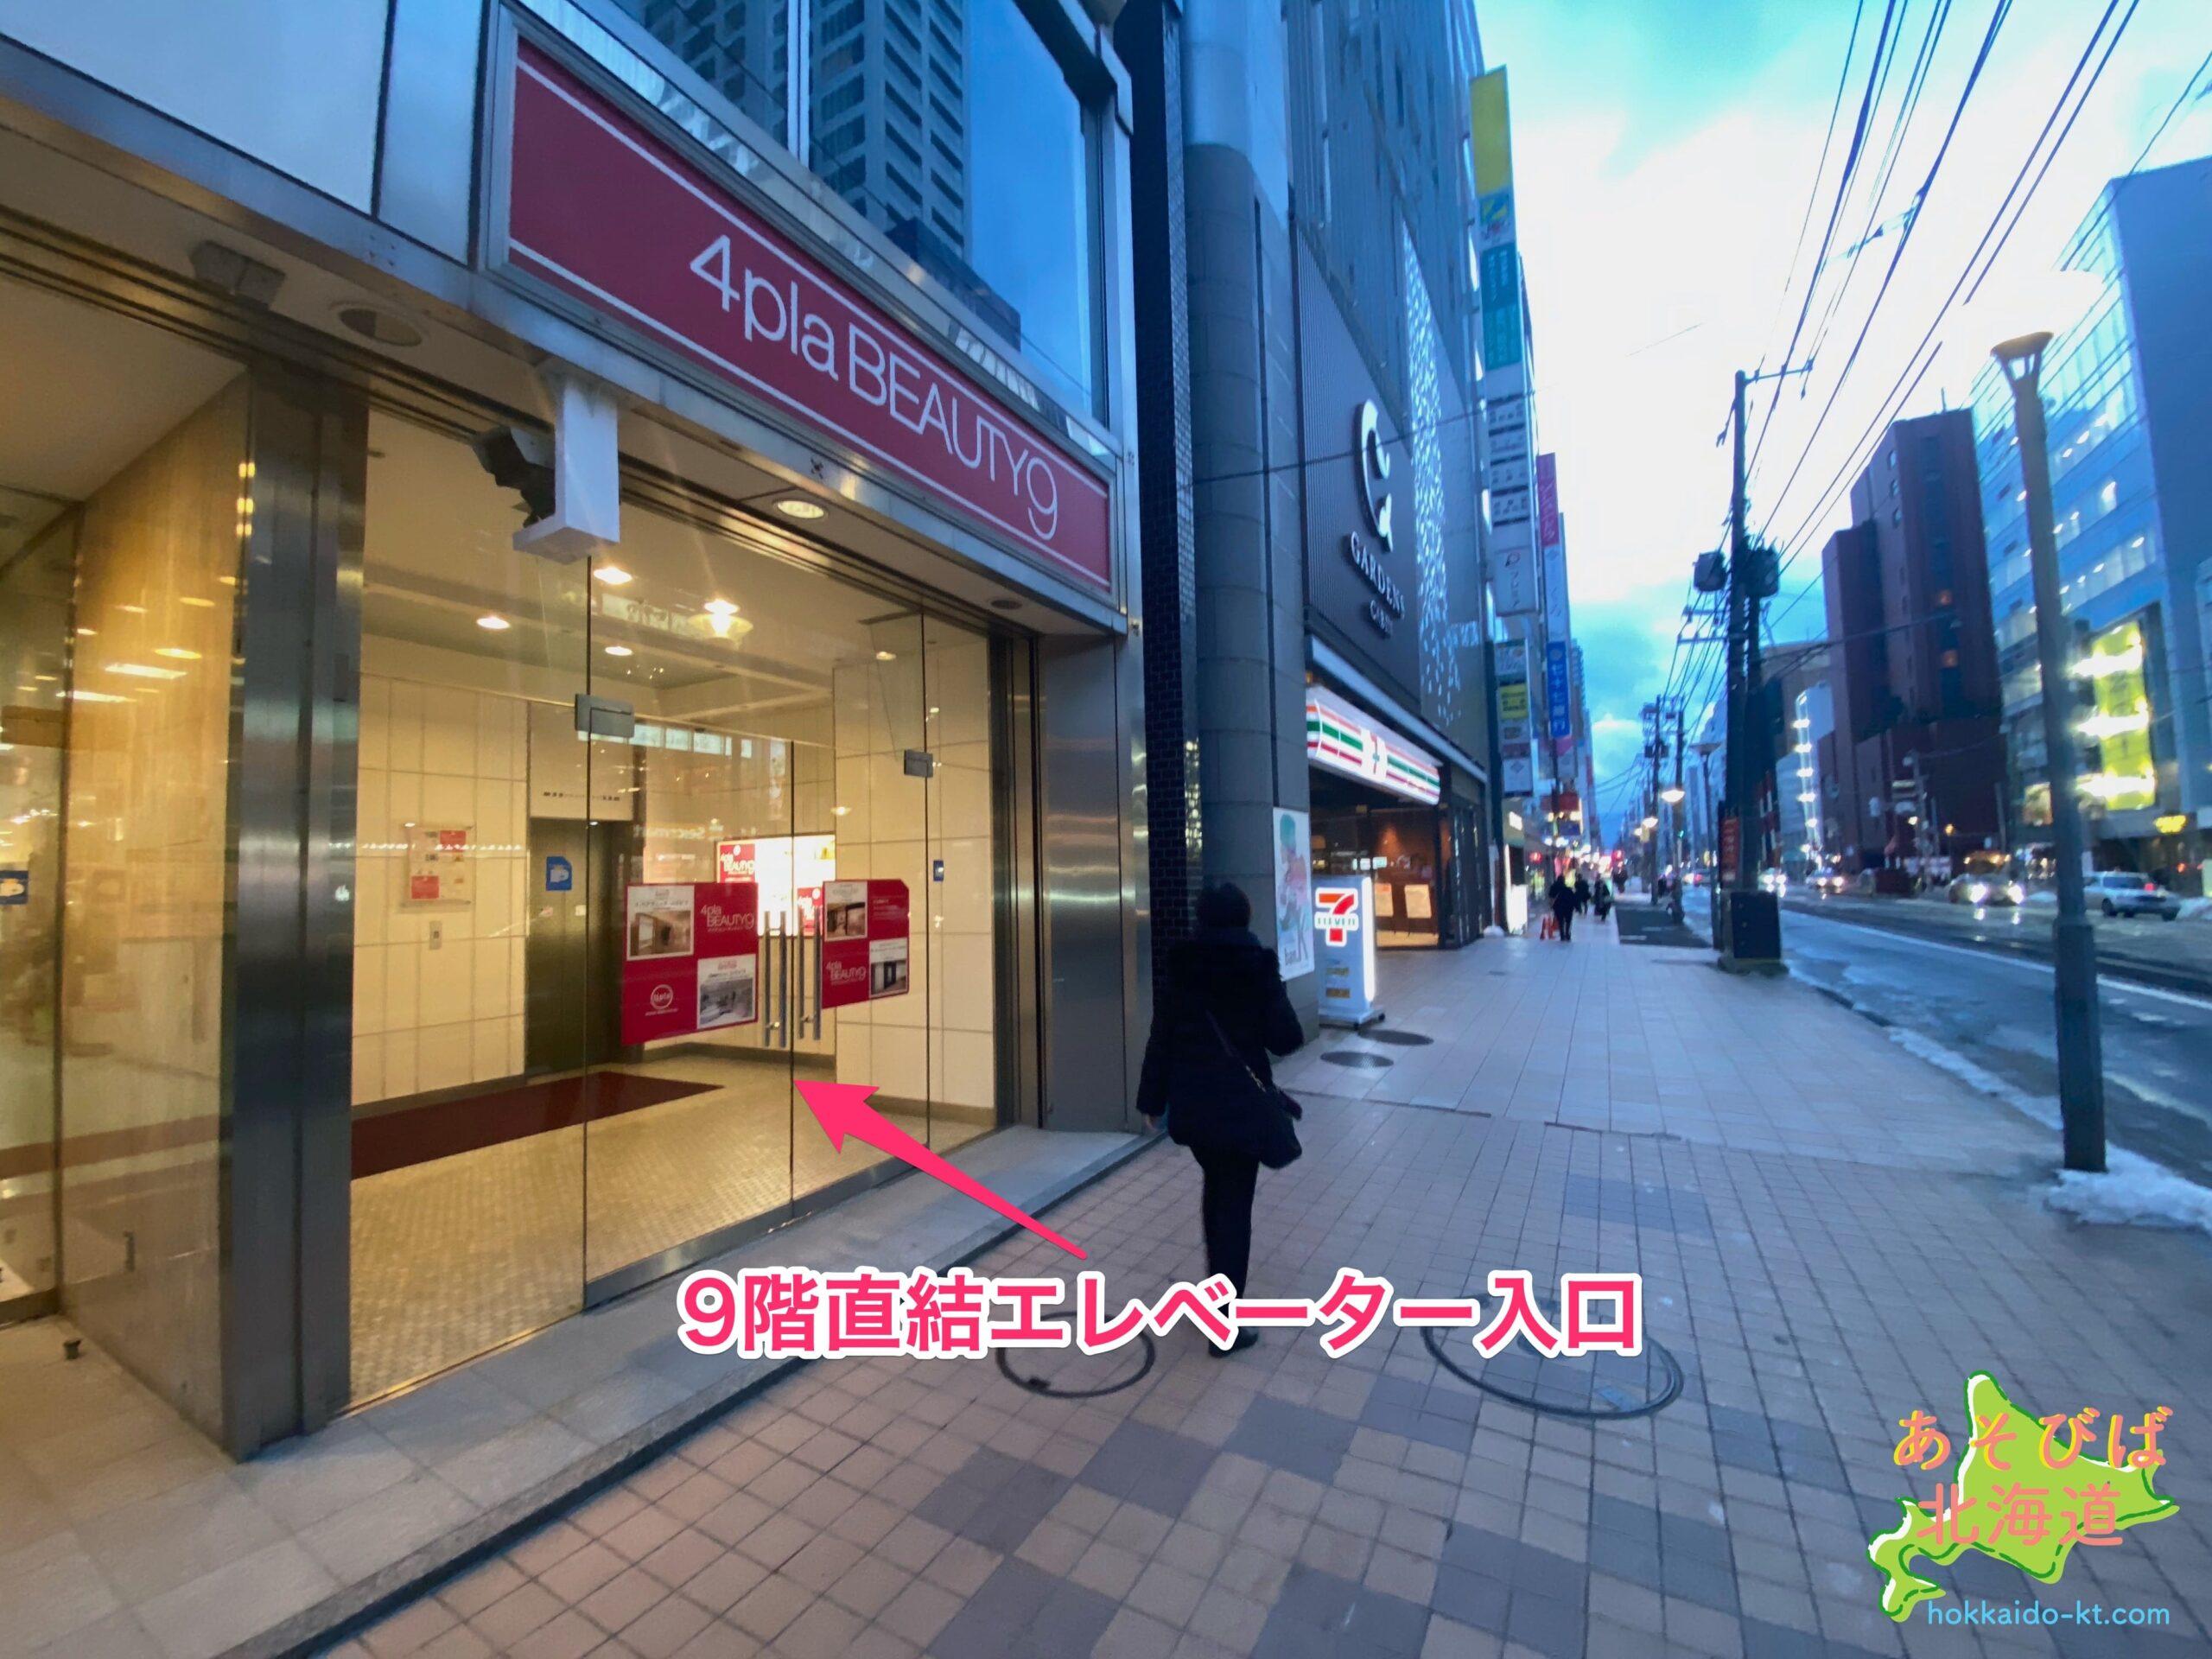 4プラ9階直行エレベーター入口